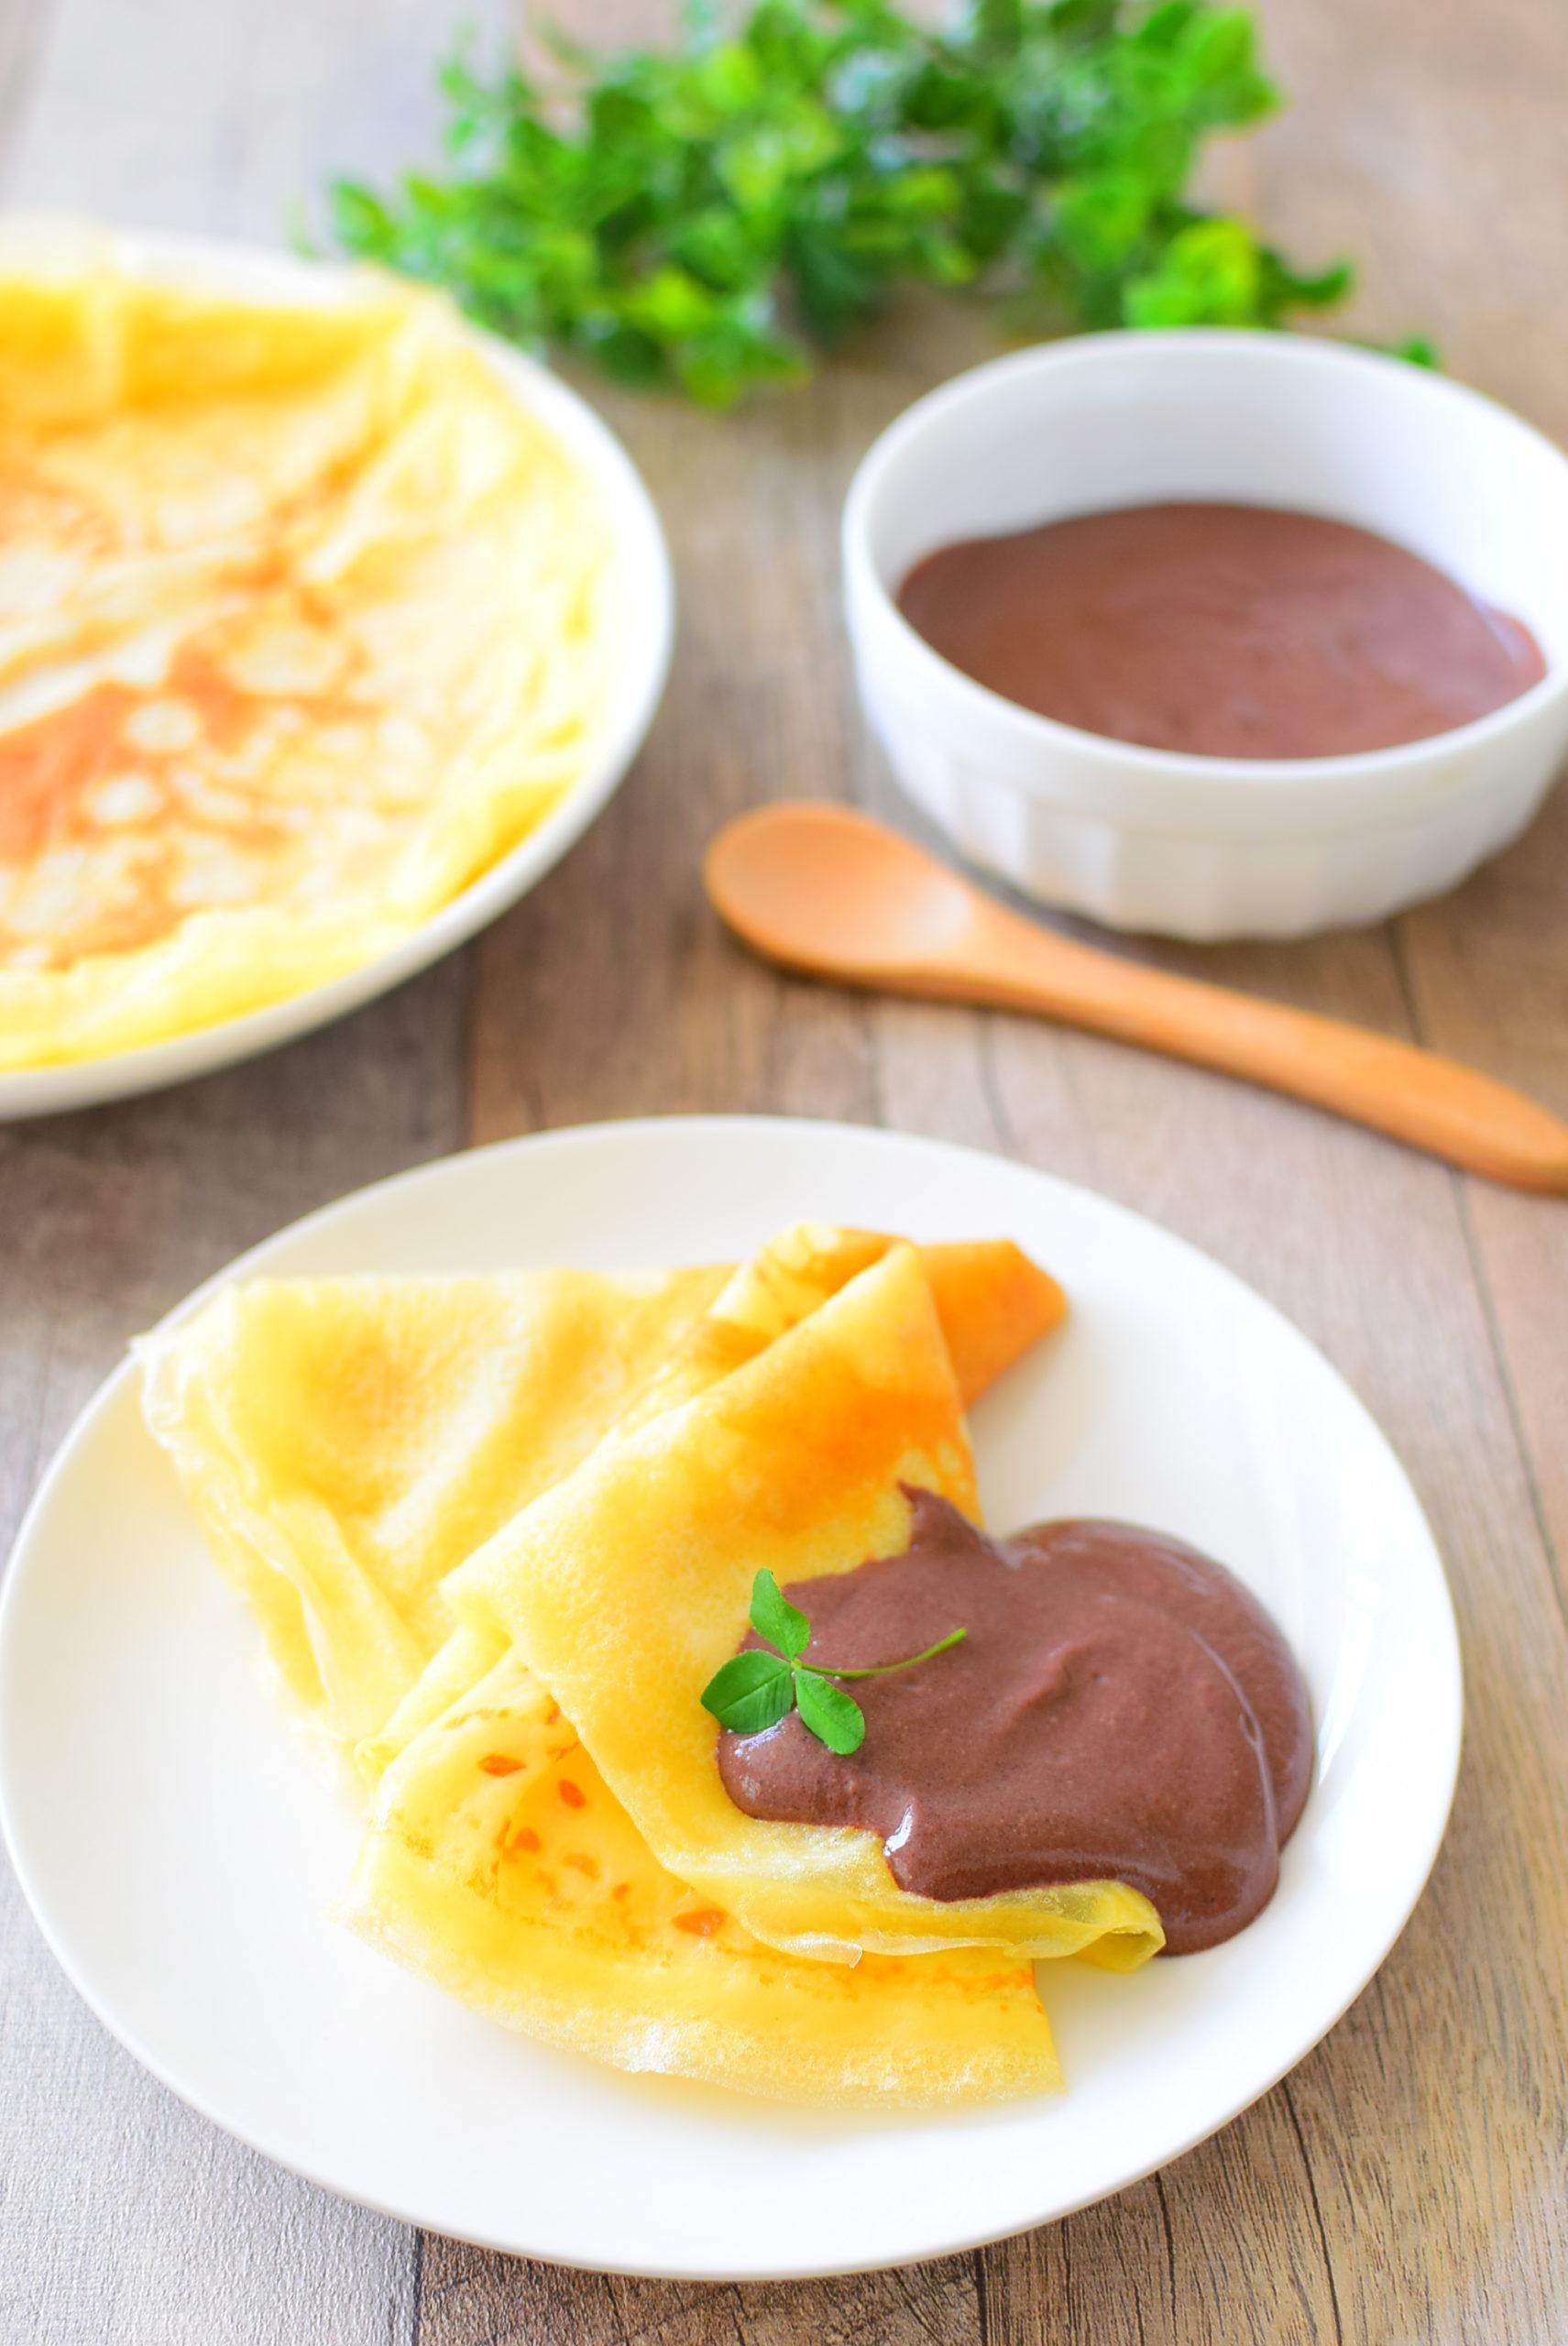 豆腐ココアクリームがけ!もちもちクレープのレシピ